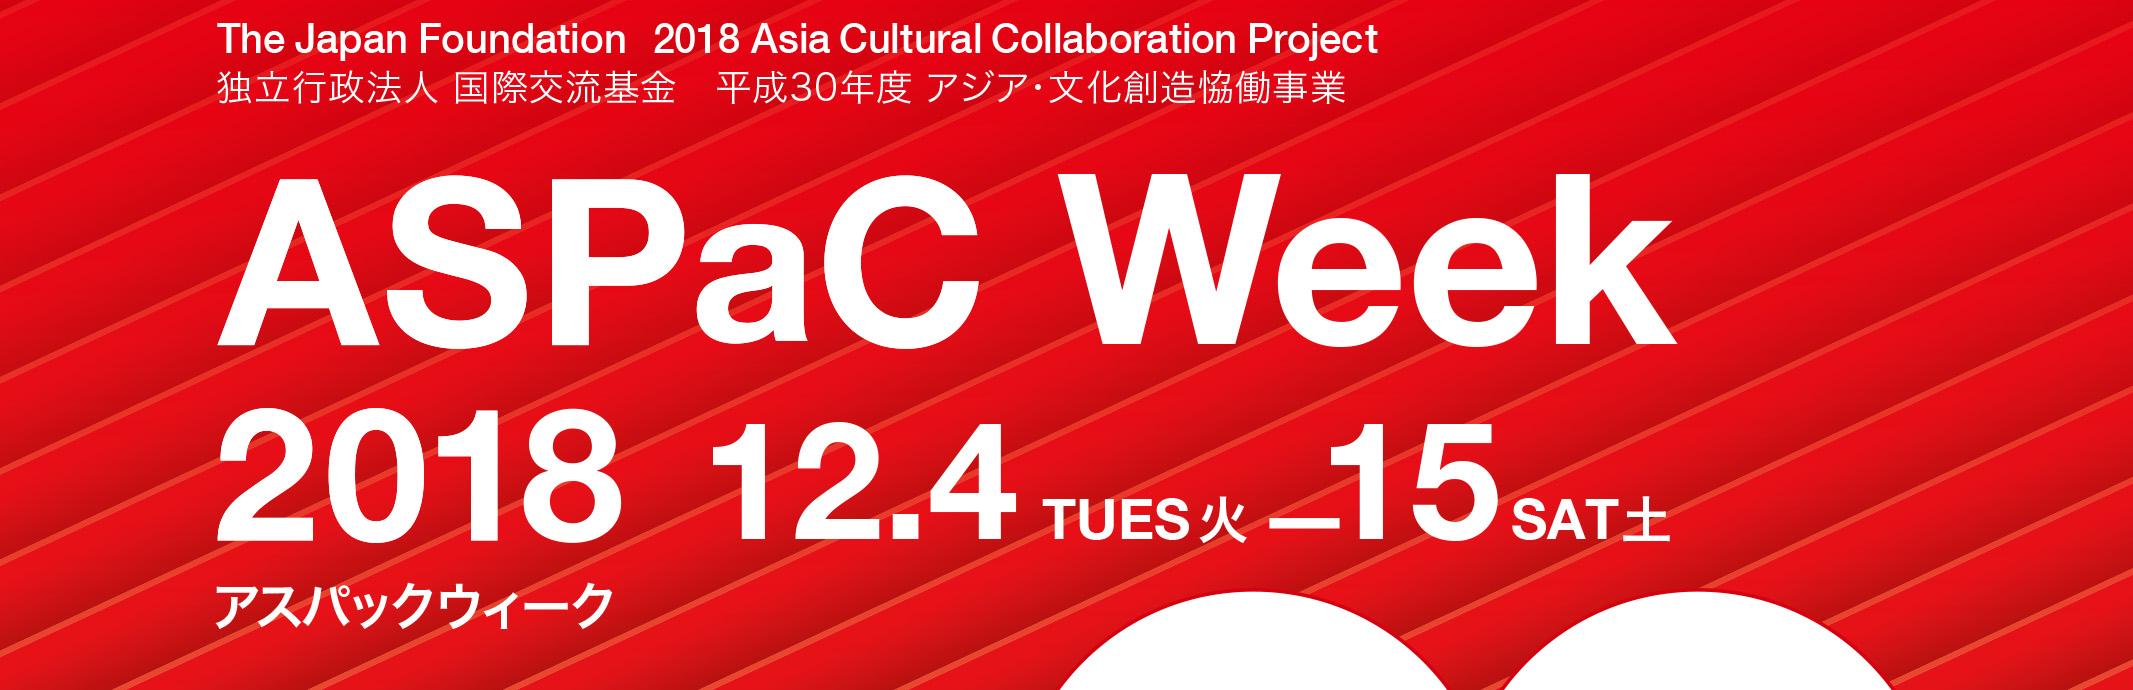 アジア学生パッケージデザインコンペティション ASPaC Week 2018〈フォーラム・授賞式&受賞作品展〉のイメージ